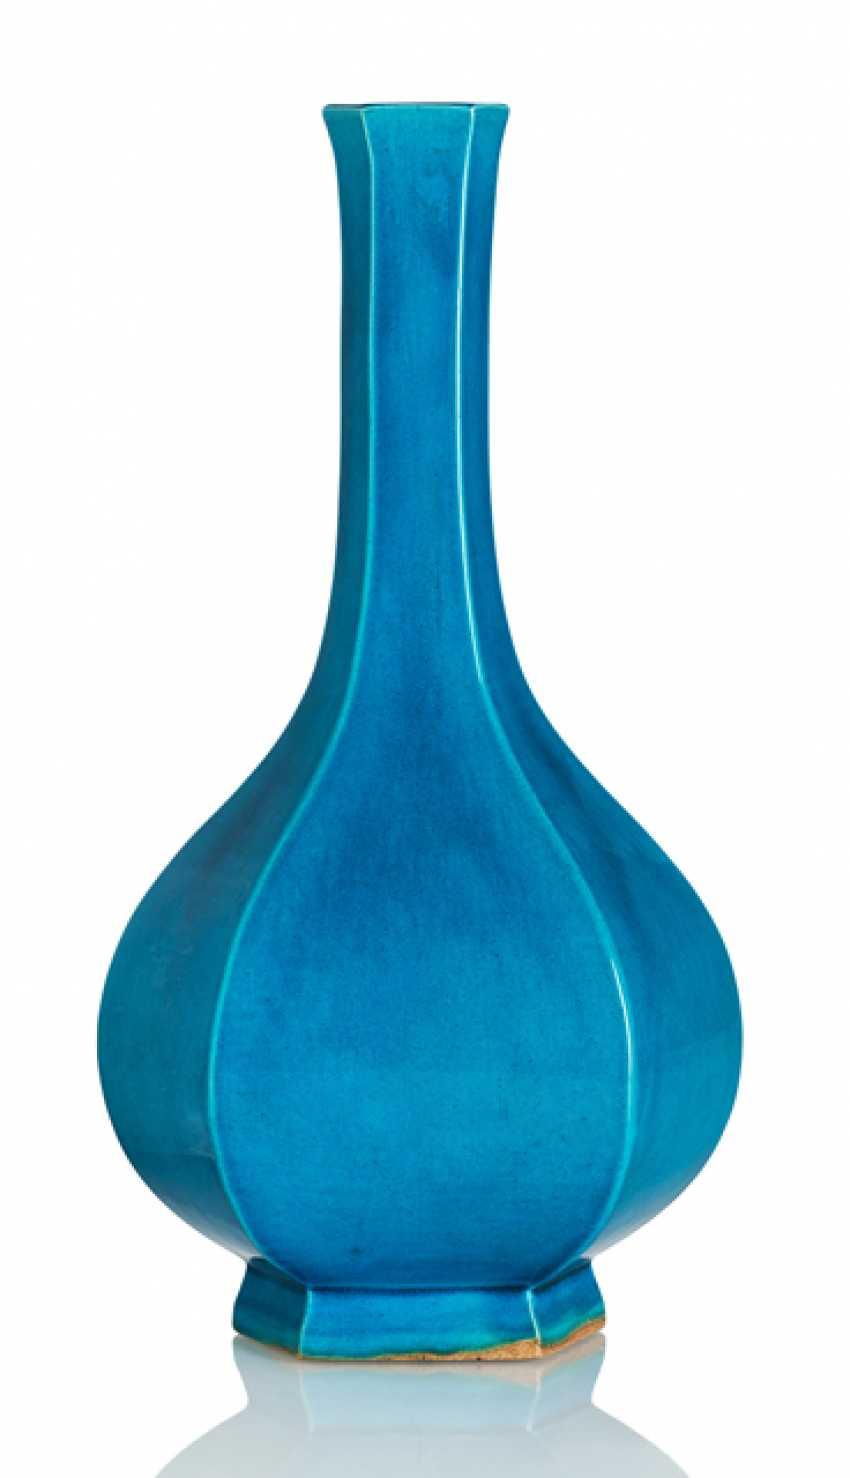 Turquoise glazed hexagonal bottle vase made of porcelain - photo 1